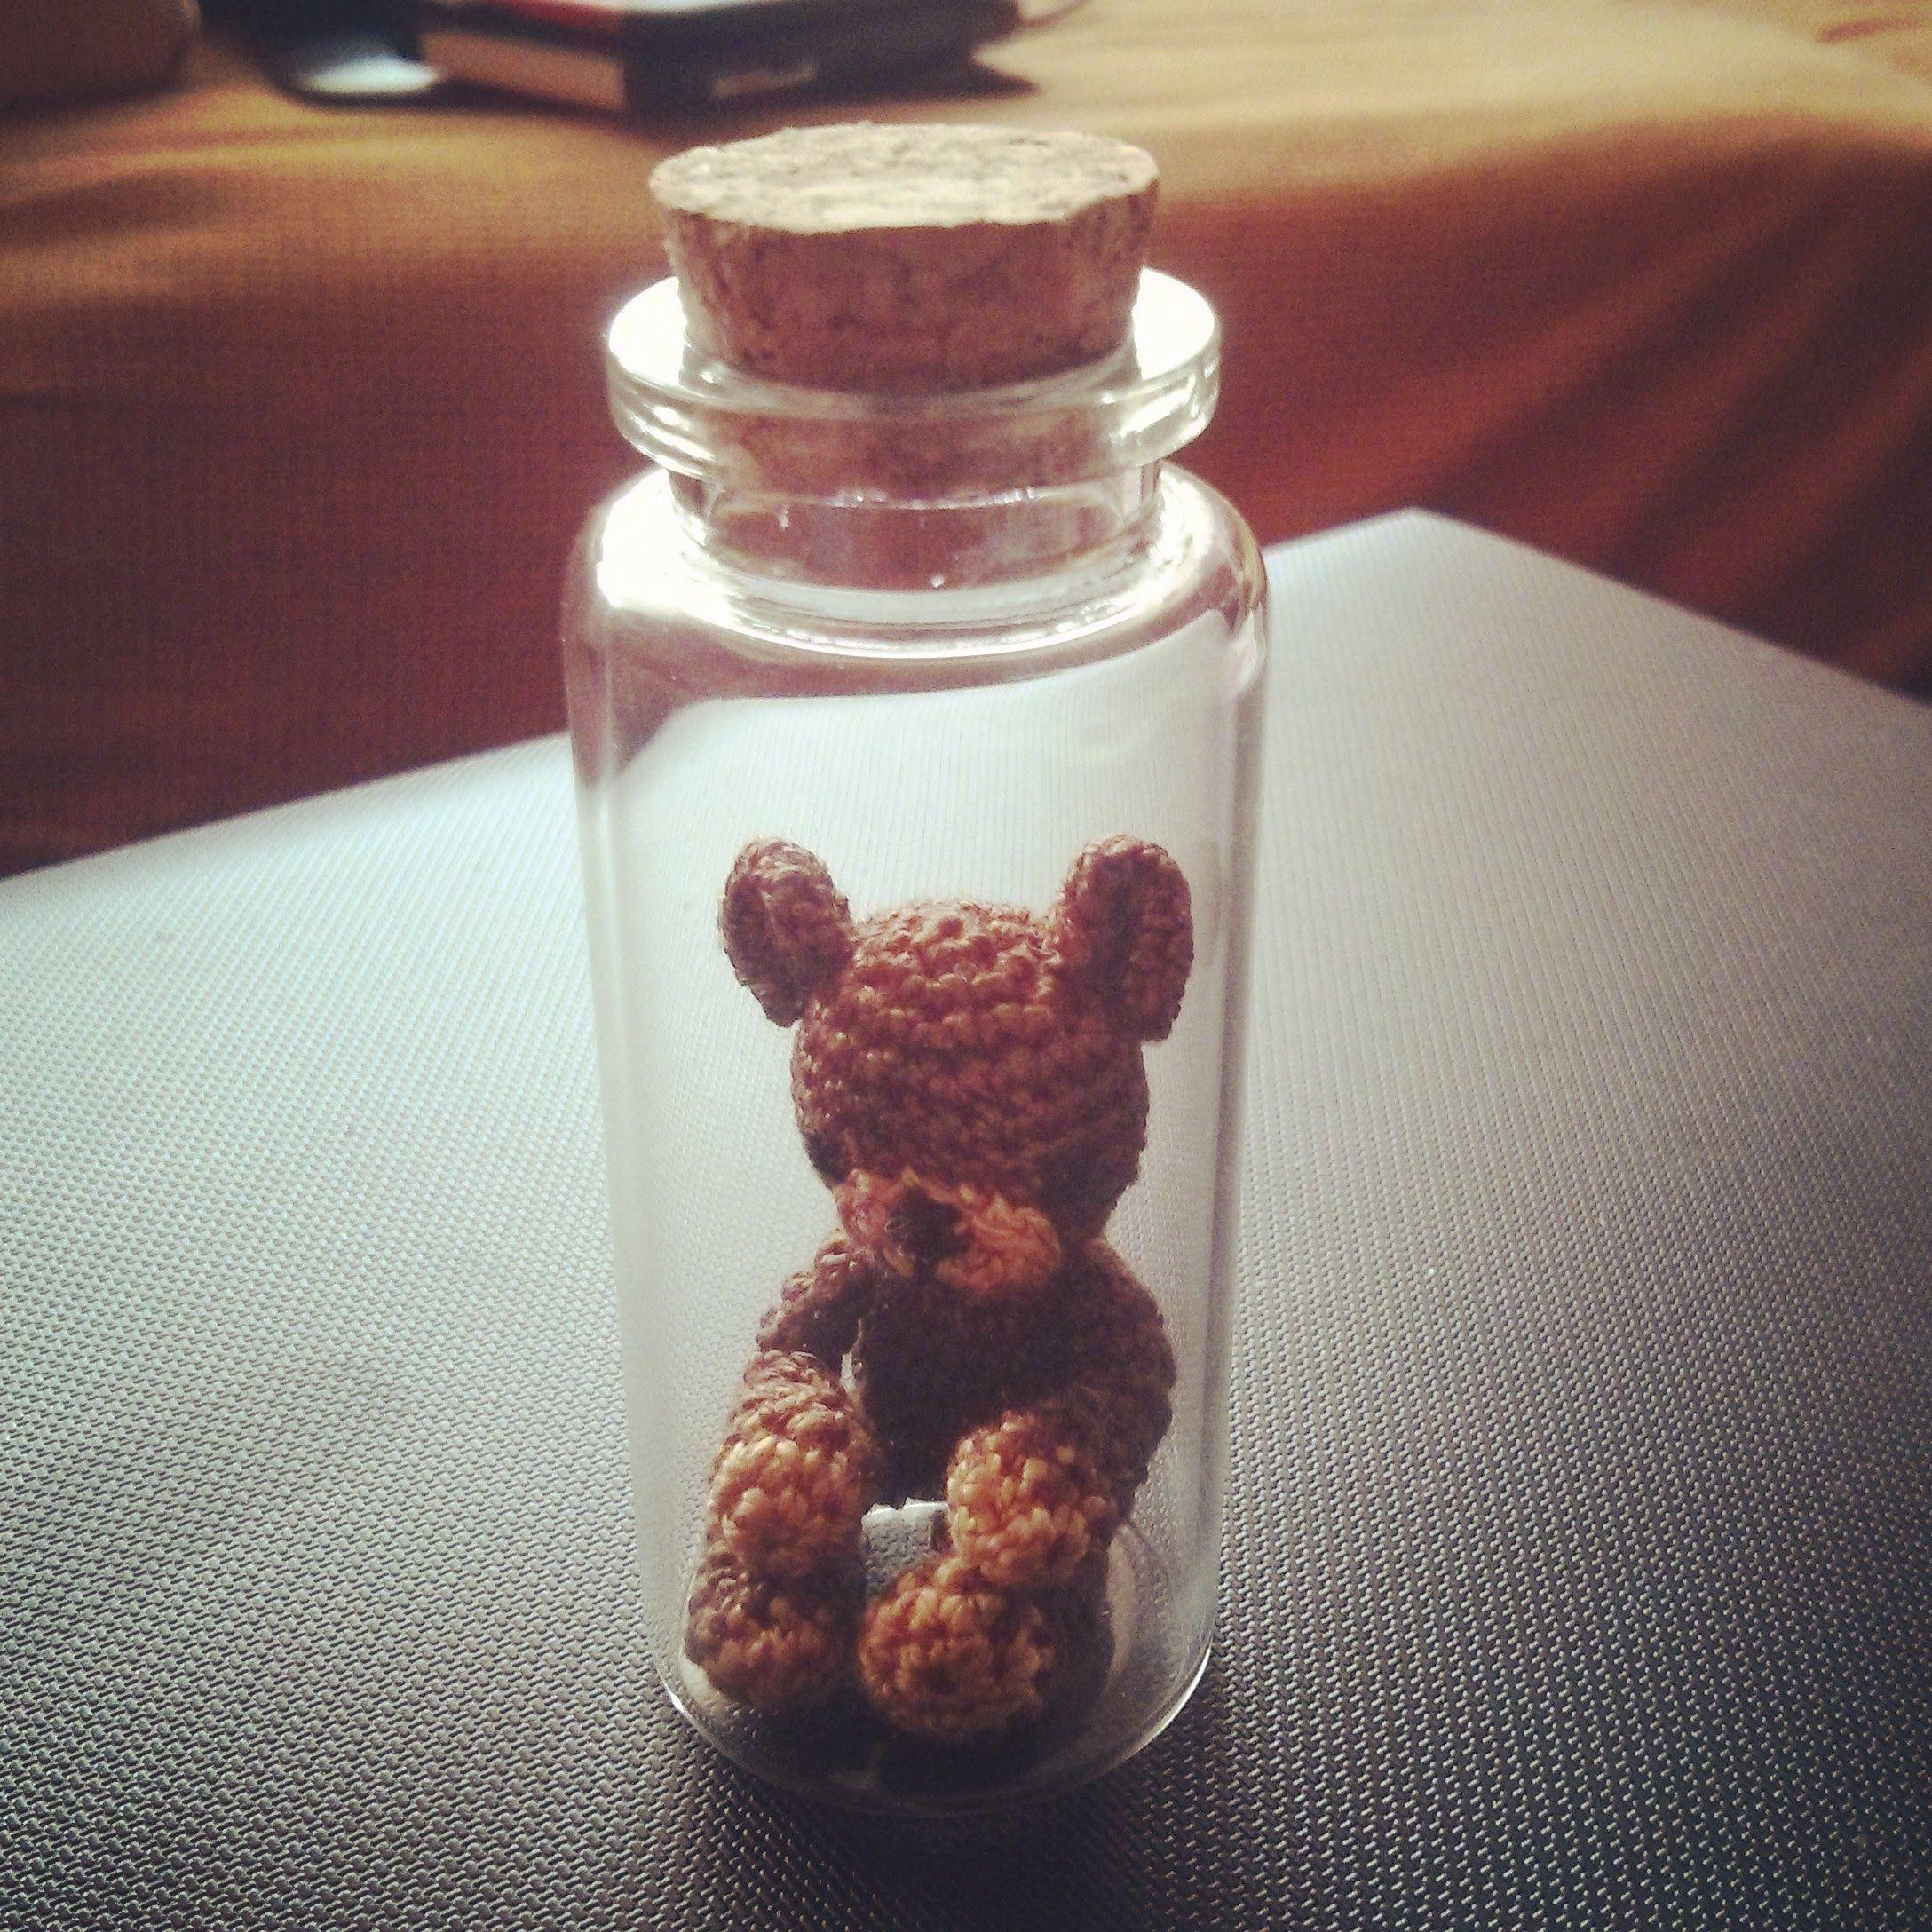 Miniature teddy bear in a bottle